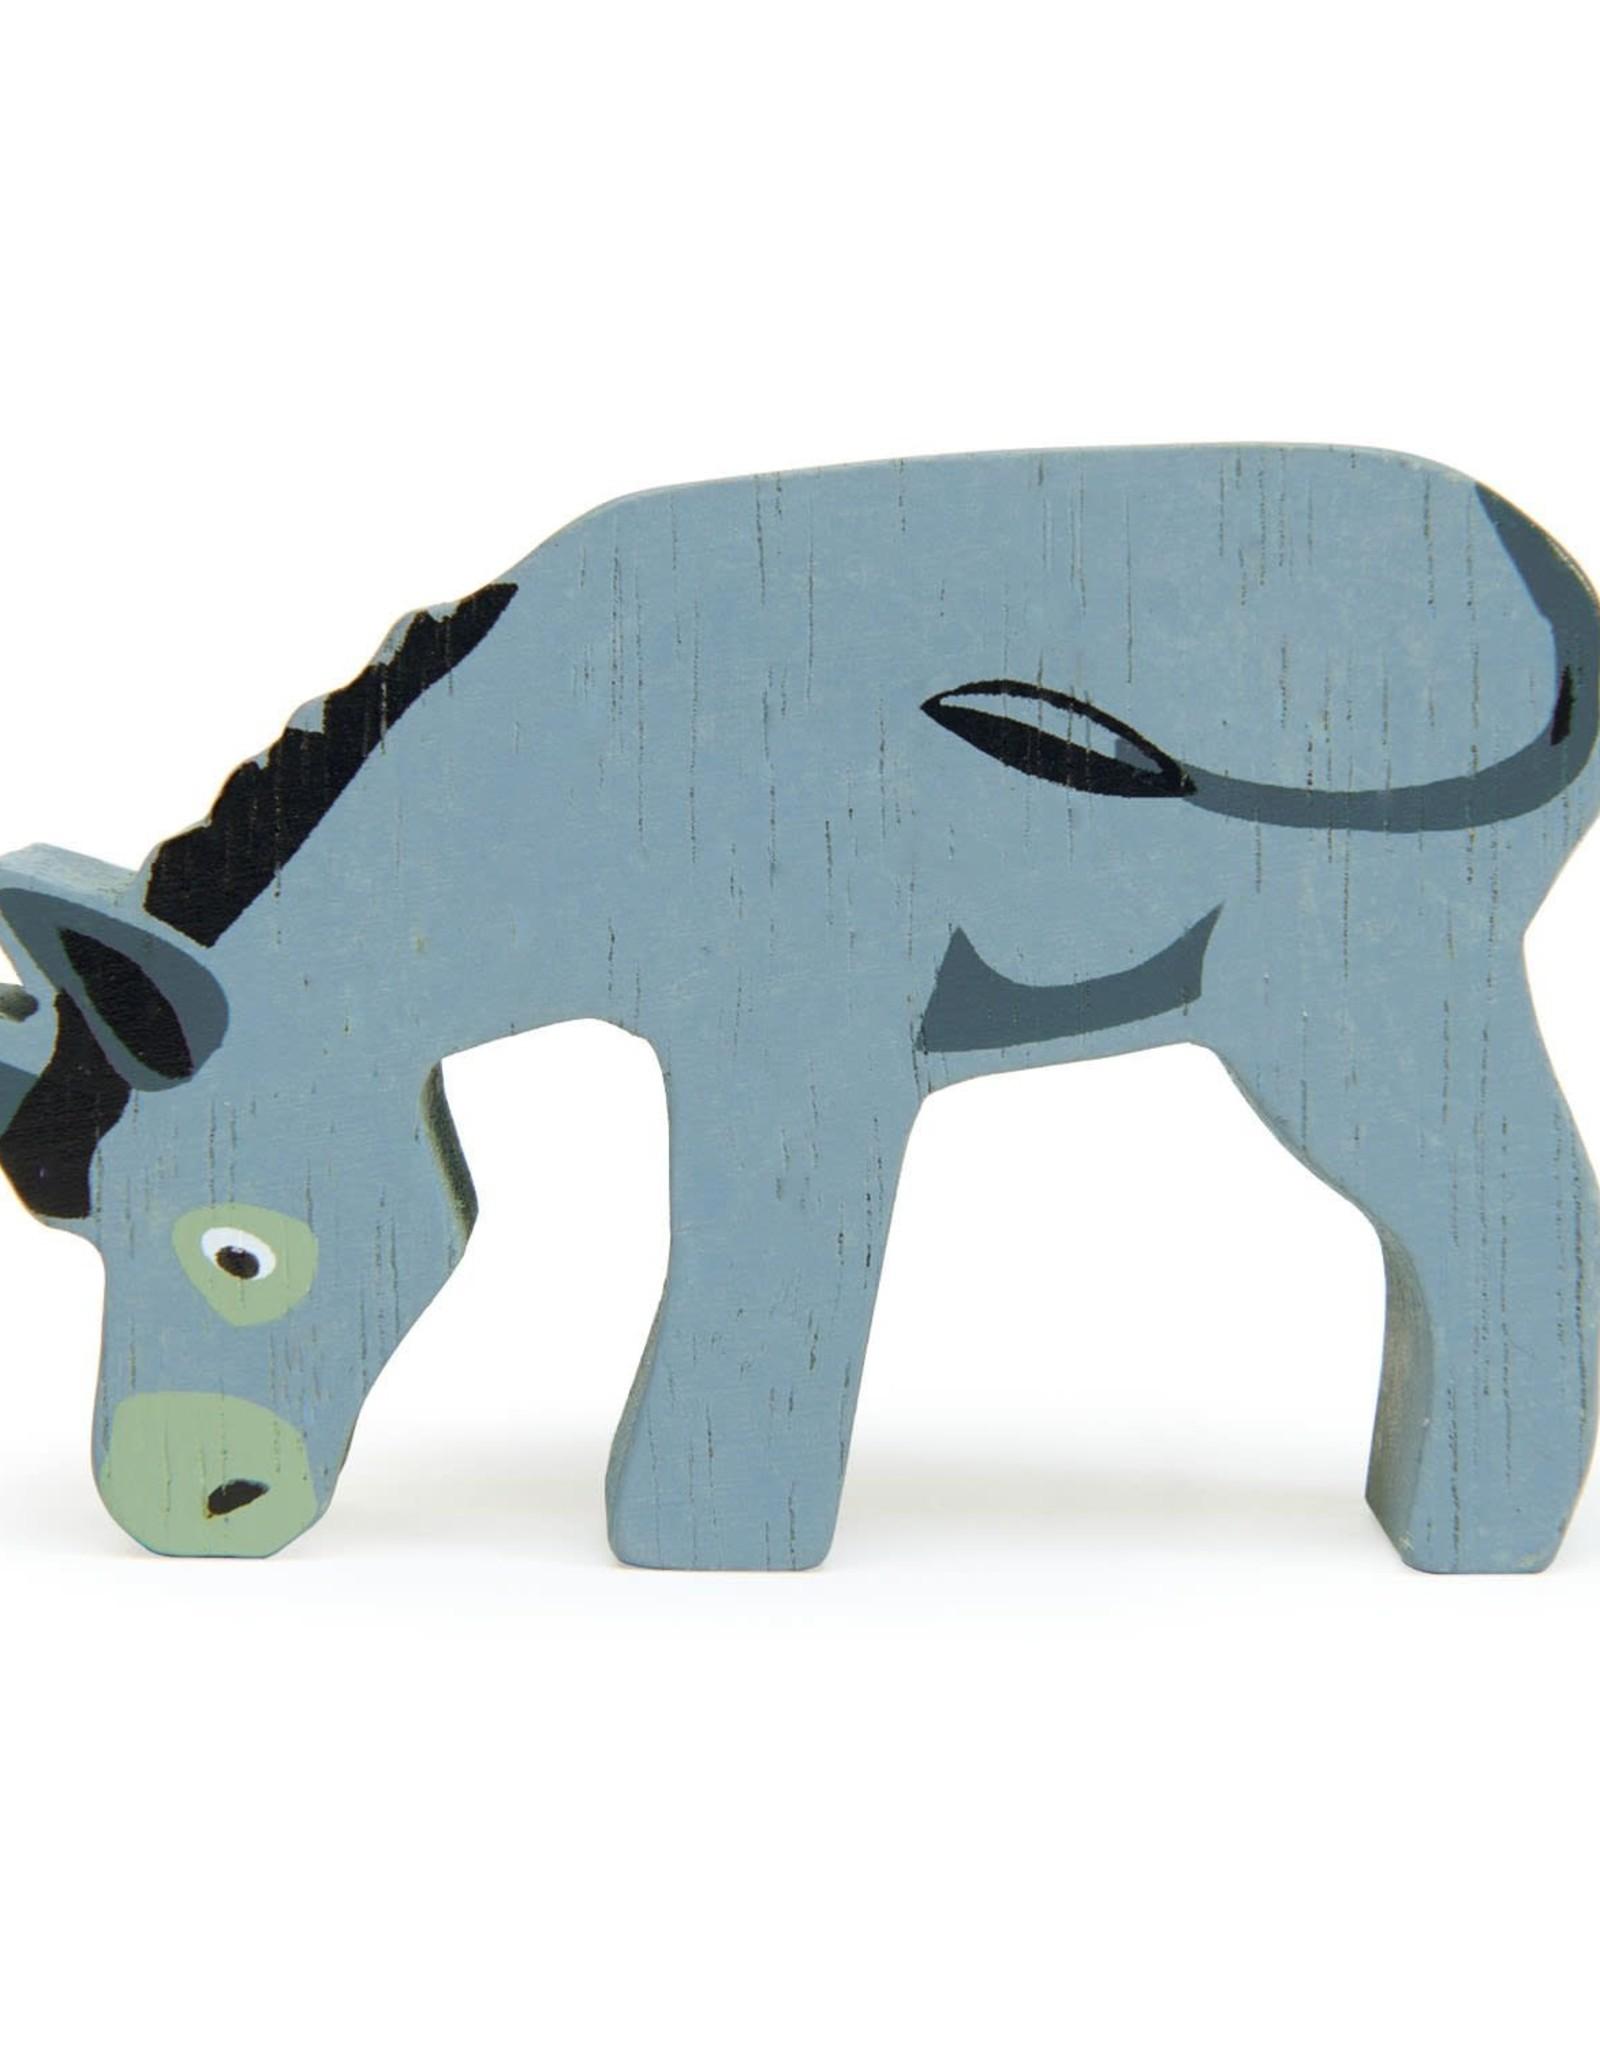 Tender Leaf Toys Tender Leaf Wooden Donkey